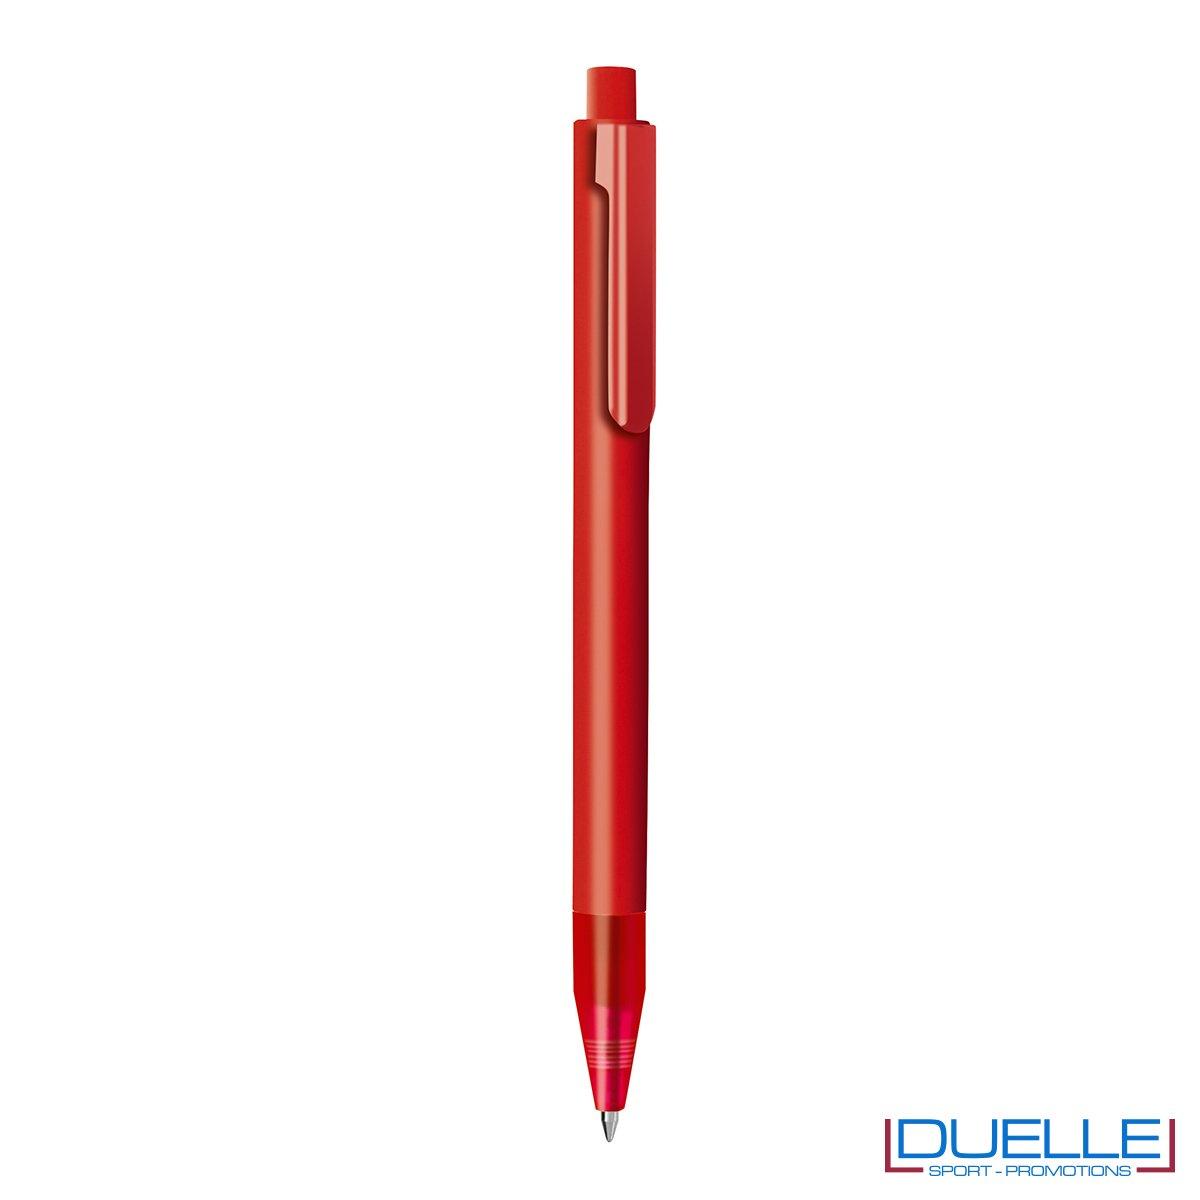 Penna personalizzata con fusto in plastica finitura satinata e puntale soft touch colore rosso